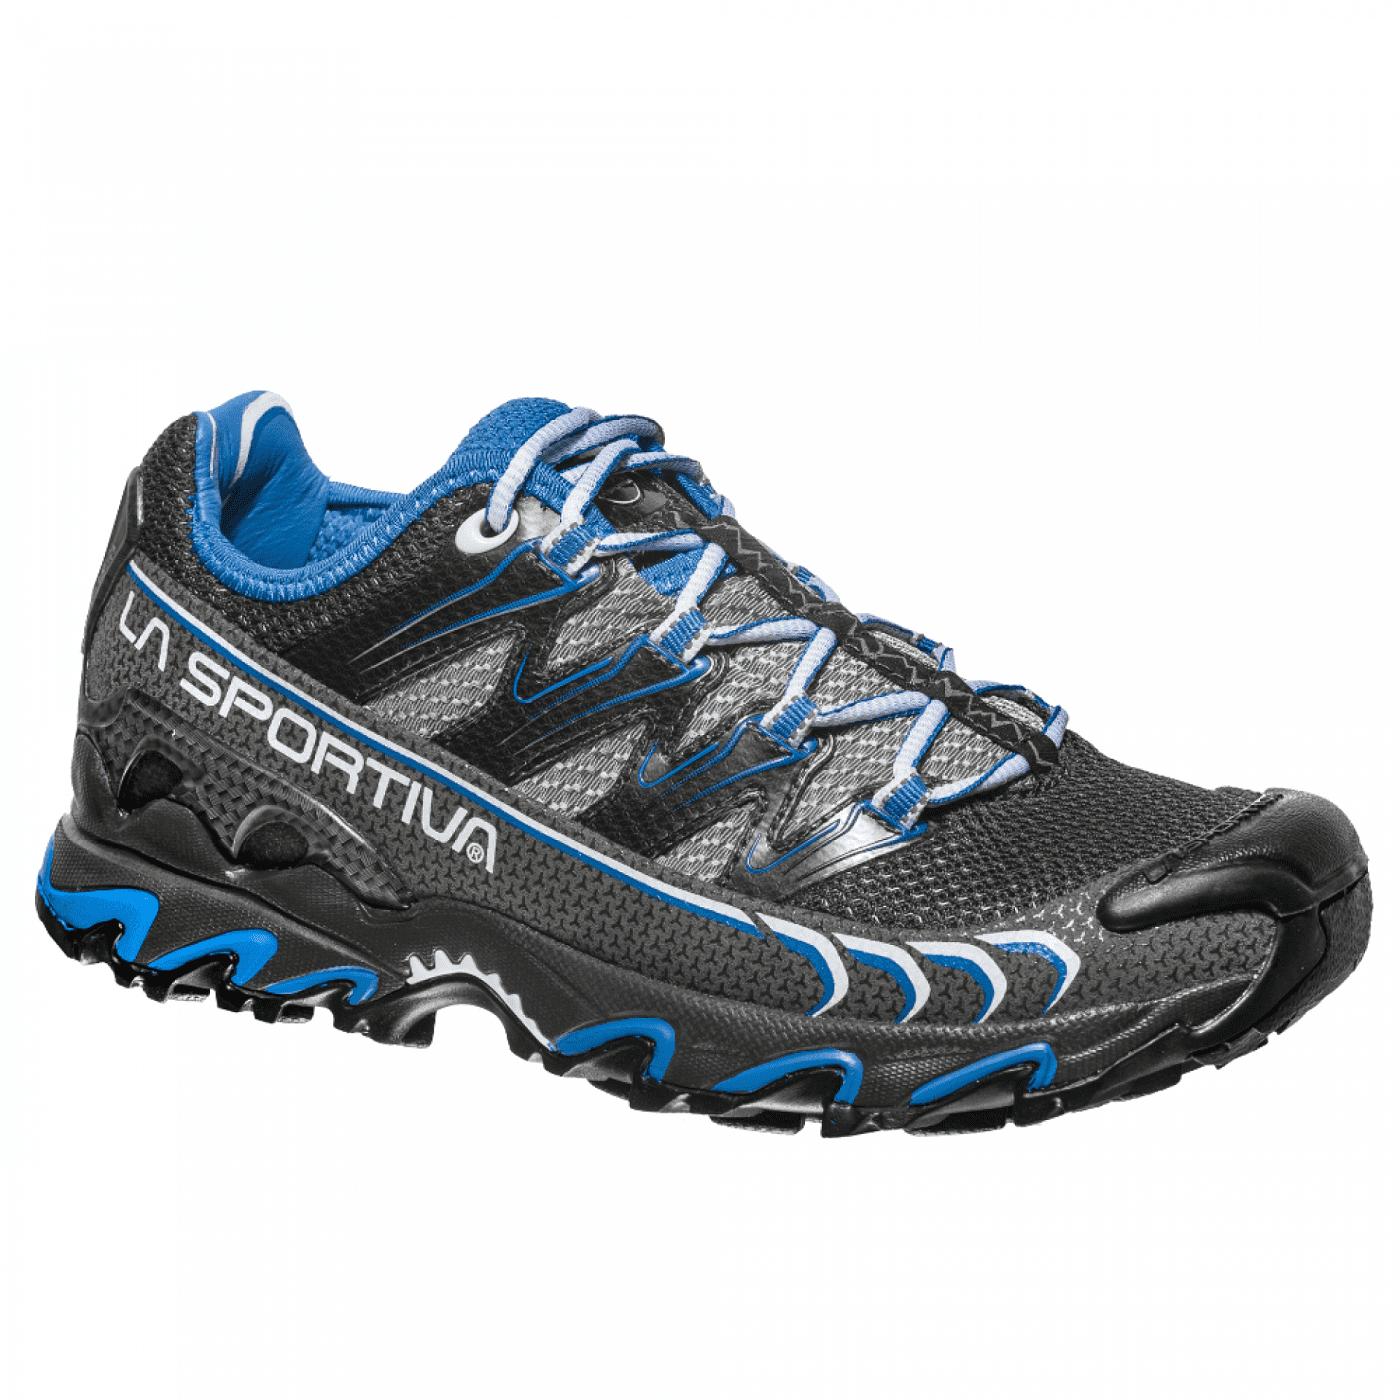 La Sportiva Ultra Raptor WS carbon/cobalt blue - 37